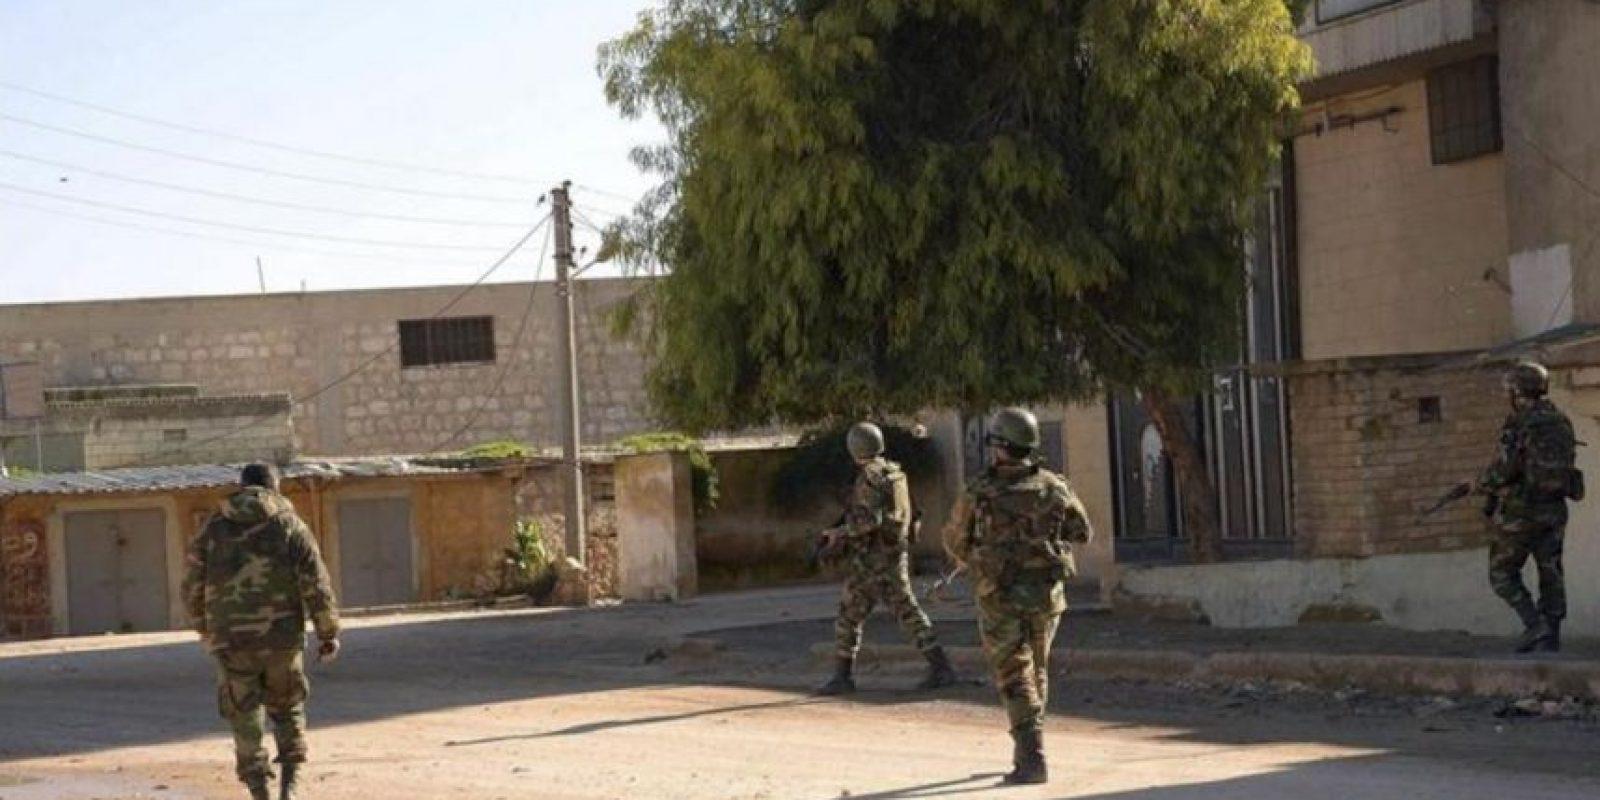 Imagen cedida por la agencia árabe siria de noticias (SANA), patrullando por Jebrin, en la provincia rural del Aleppo, Siria hoy, jueves 27 de diciembre de 2012. EFE